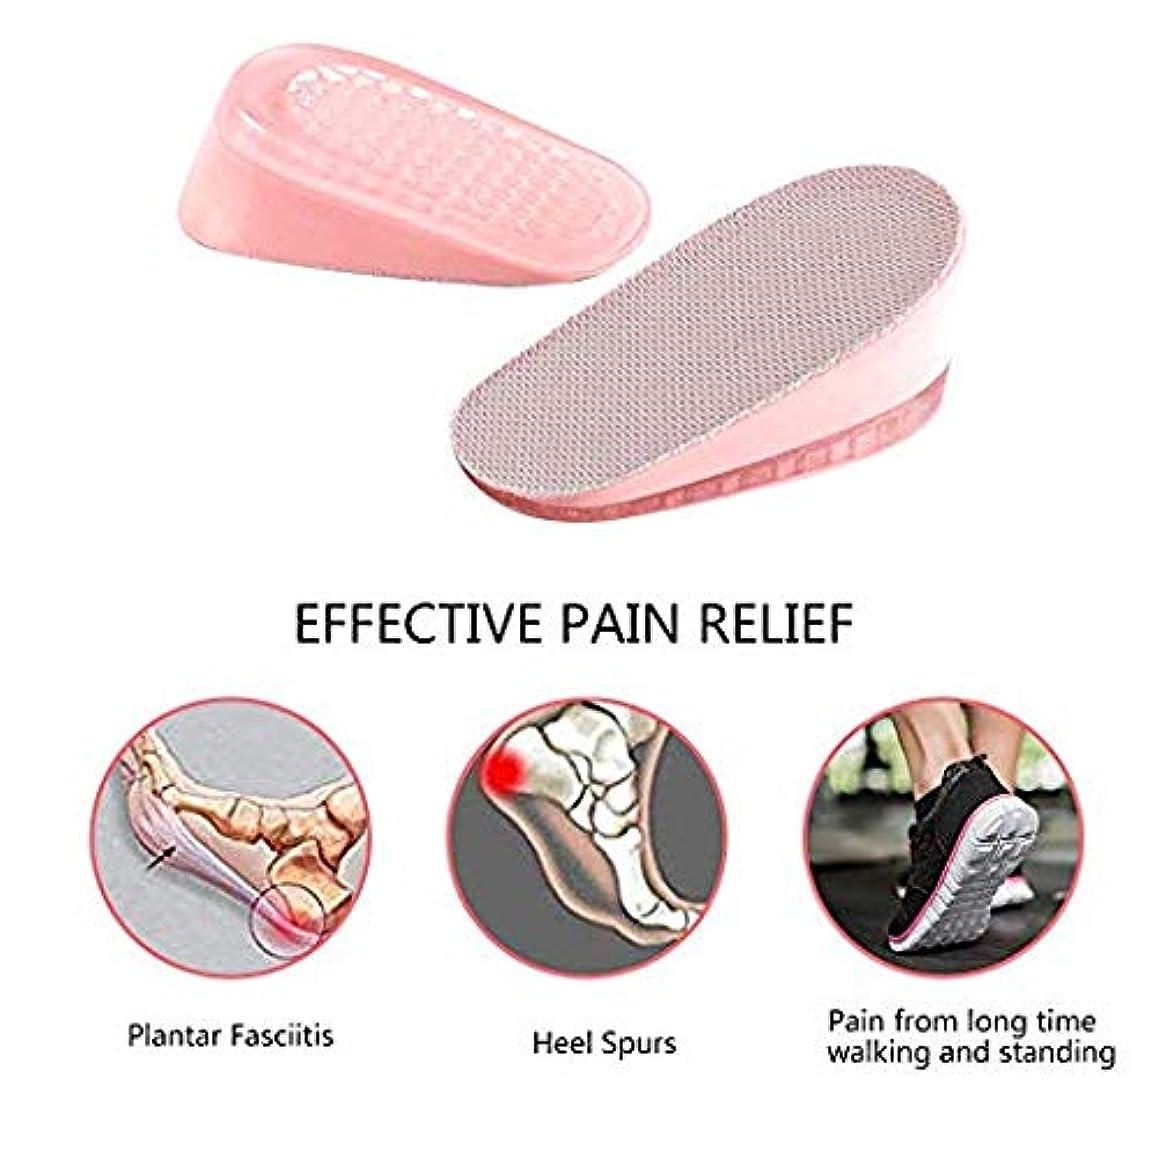 テレビ局素晴らしきおっと痛み足底筋膜炎インソール| ヒールシートフットオルソティックインサート、ヒールペインおよびヒールスパーズ用ヒールカップ。